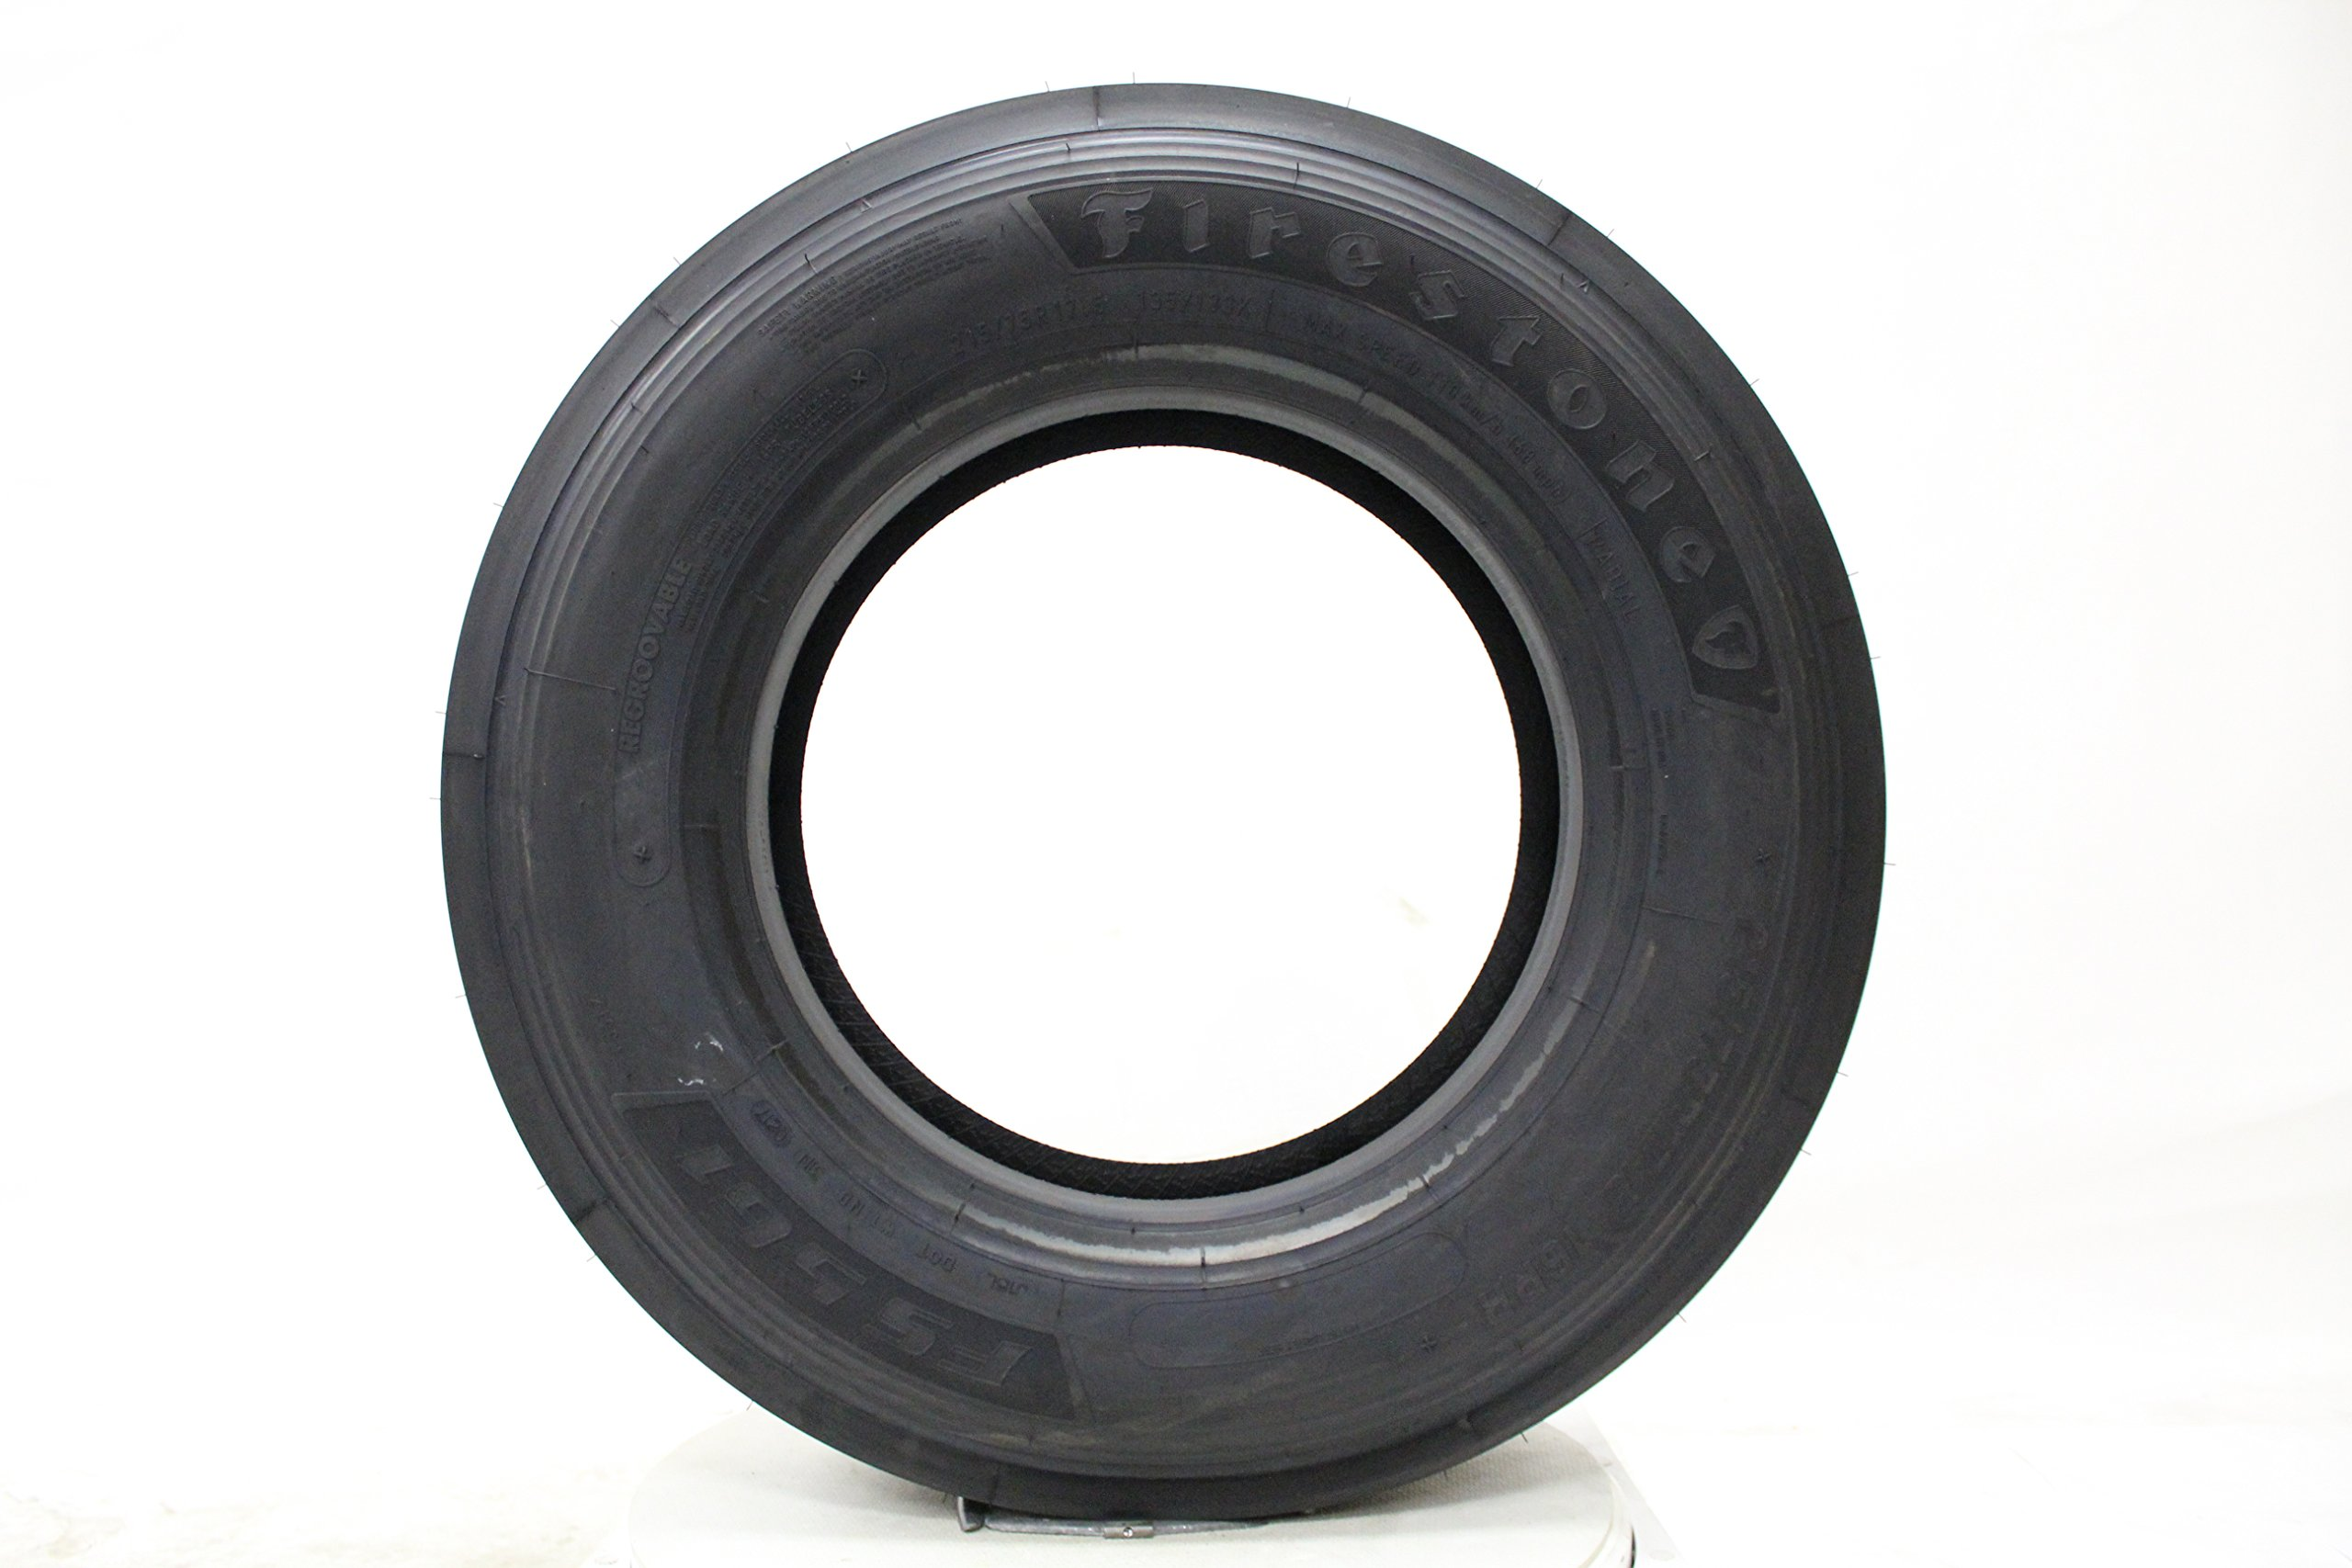 Firestone FS561 Commercial Truck Tire - 225/70R19.5 00 by Firestone (Image #1)